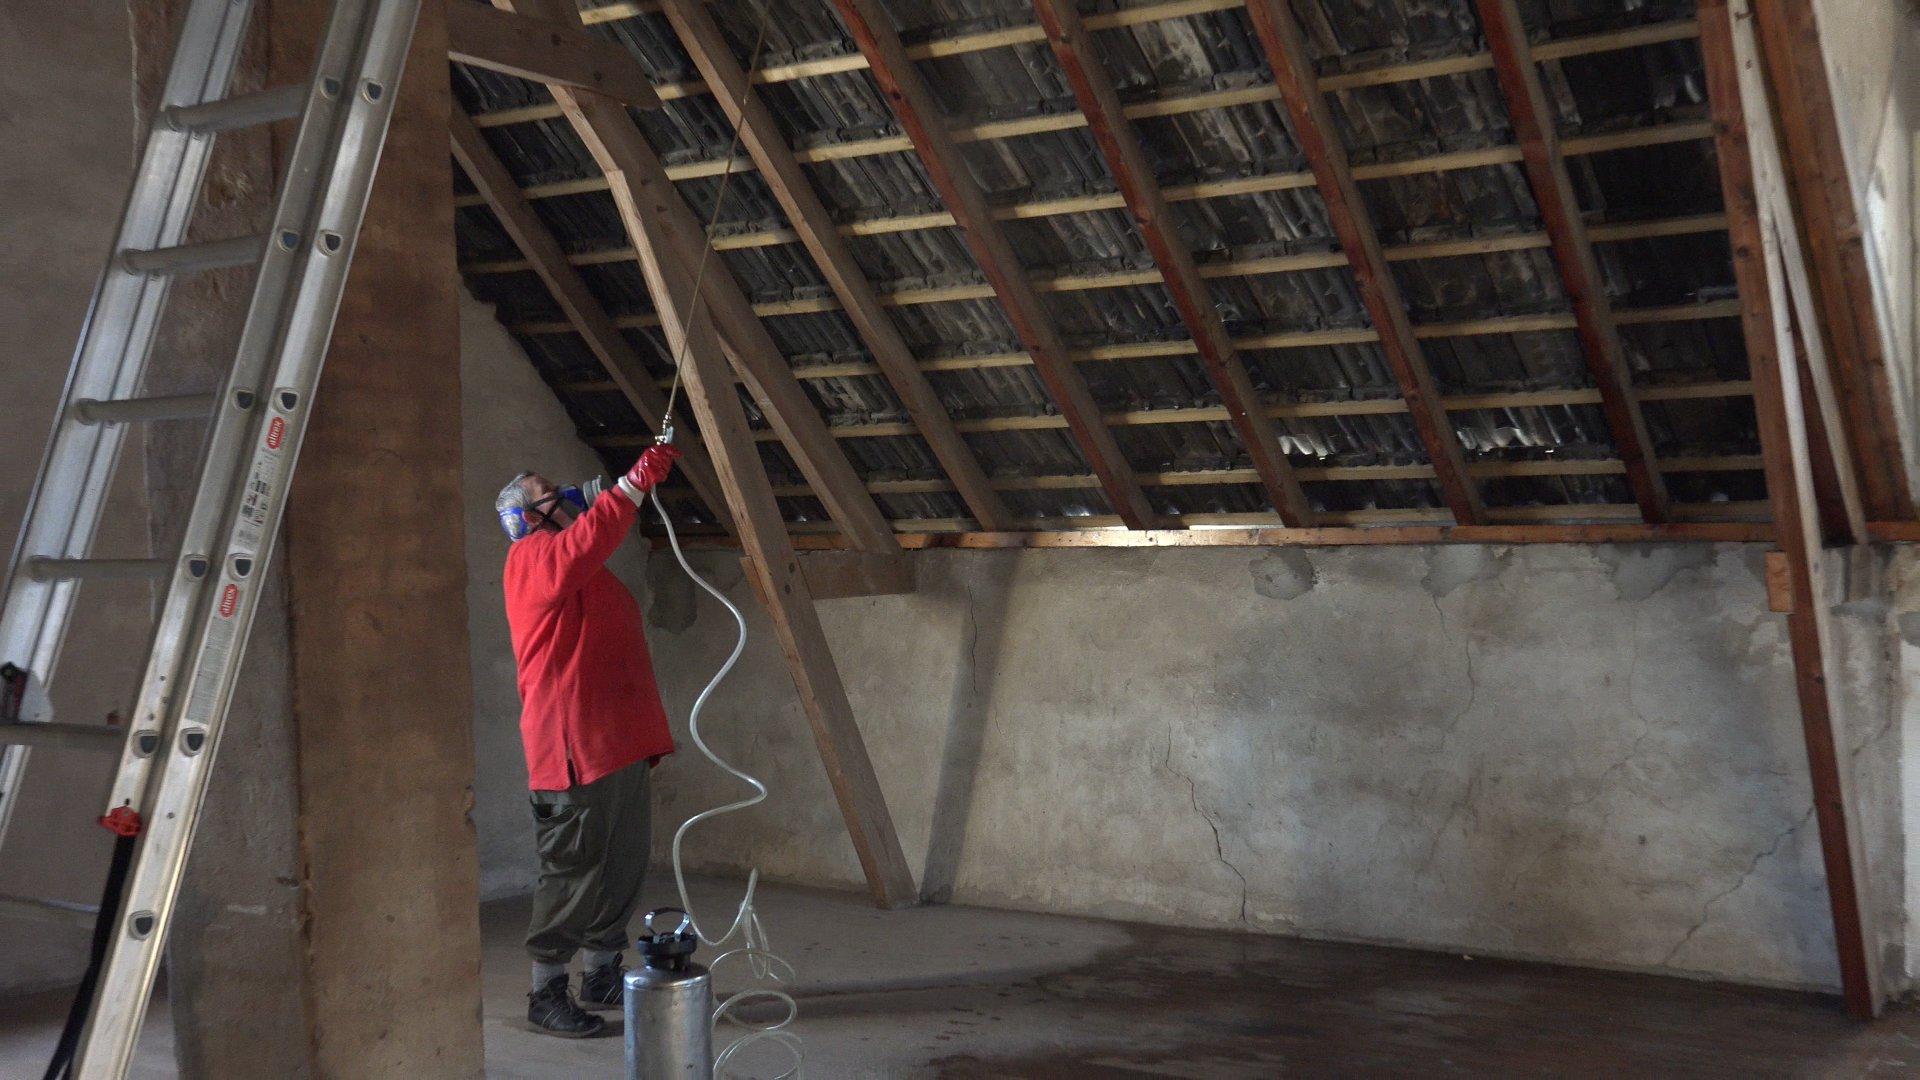 De zolder wordt ingespoten tegen houtworm